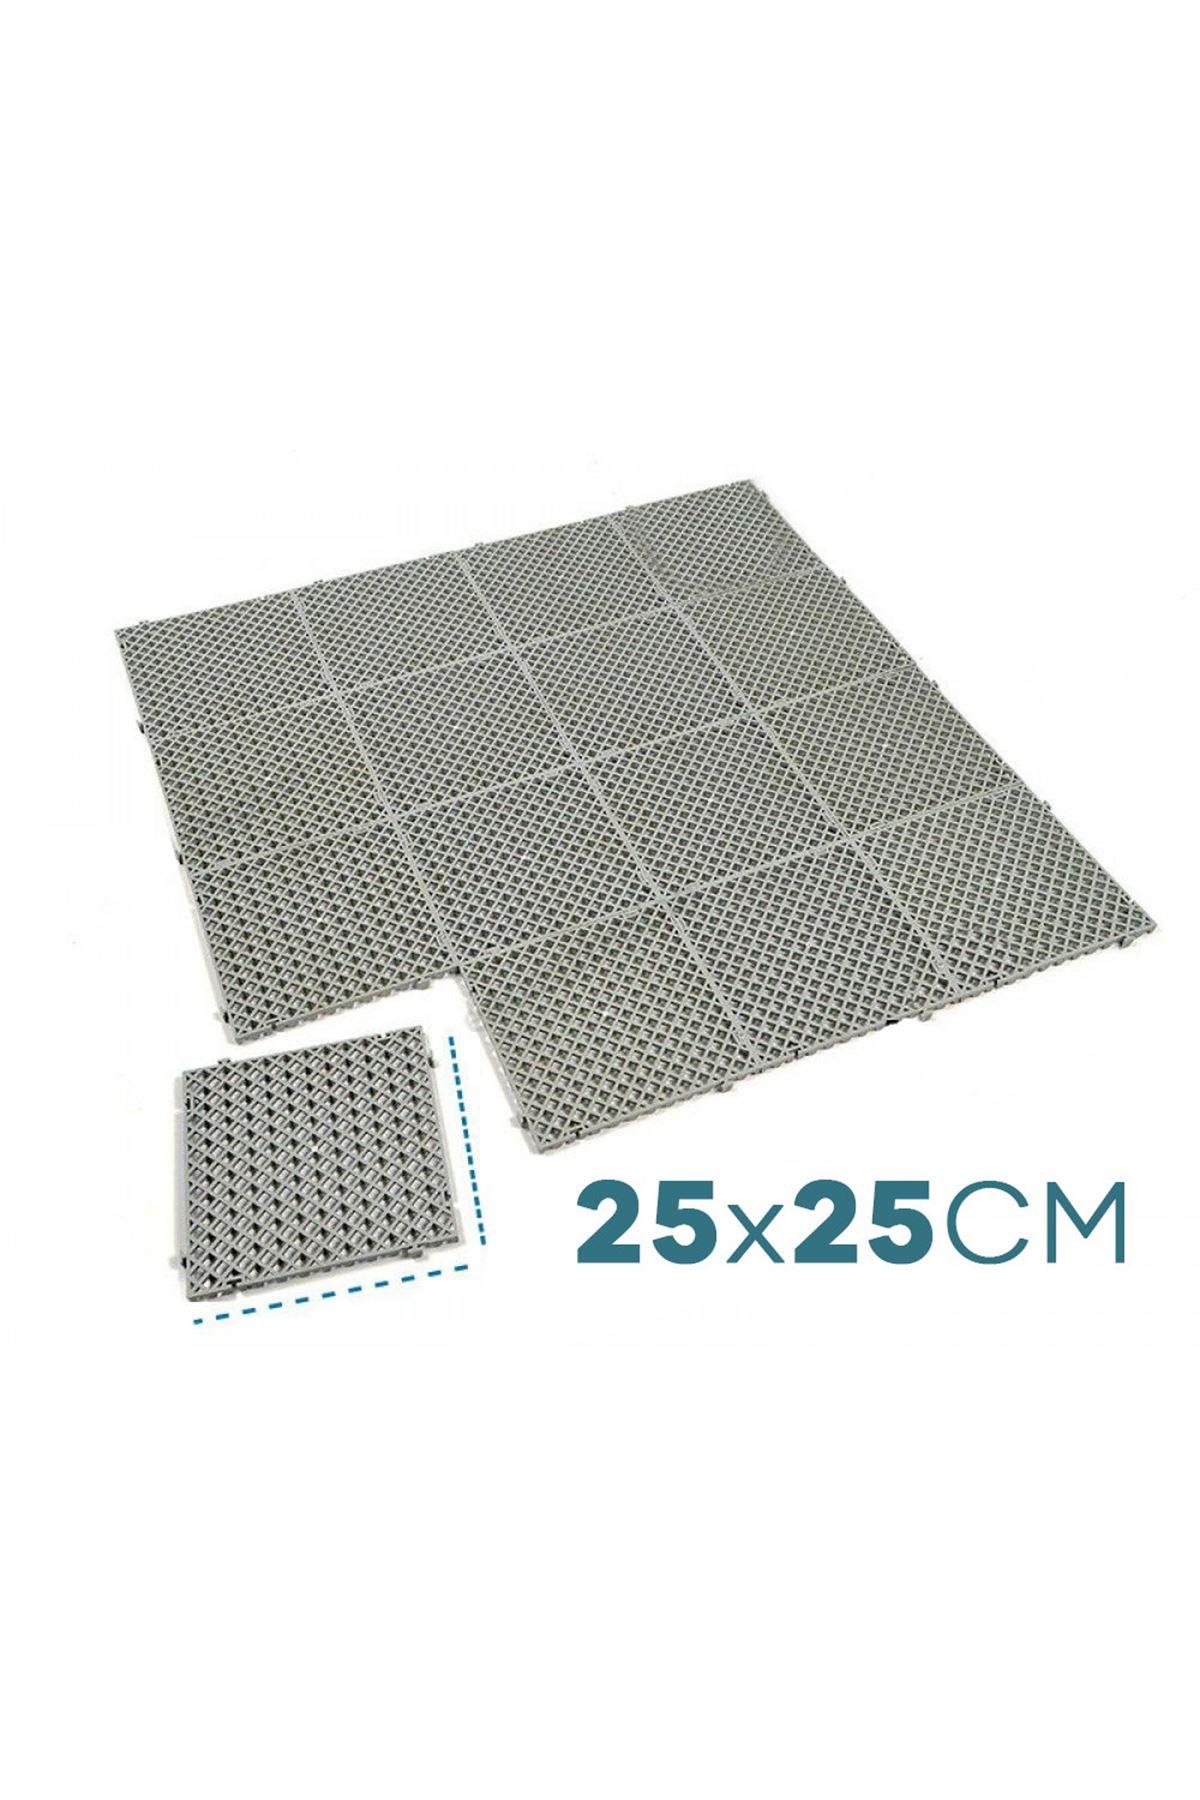 Birtiklasizde 16 Adet (1 m2) Plastik Yer Karosu Gri  Zemin Kaplaması